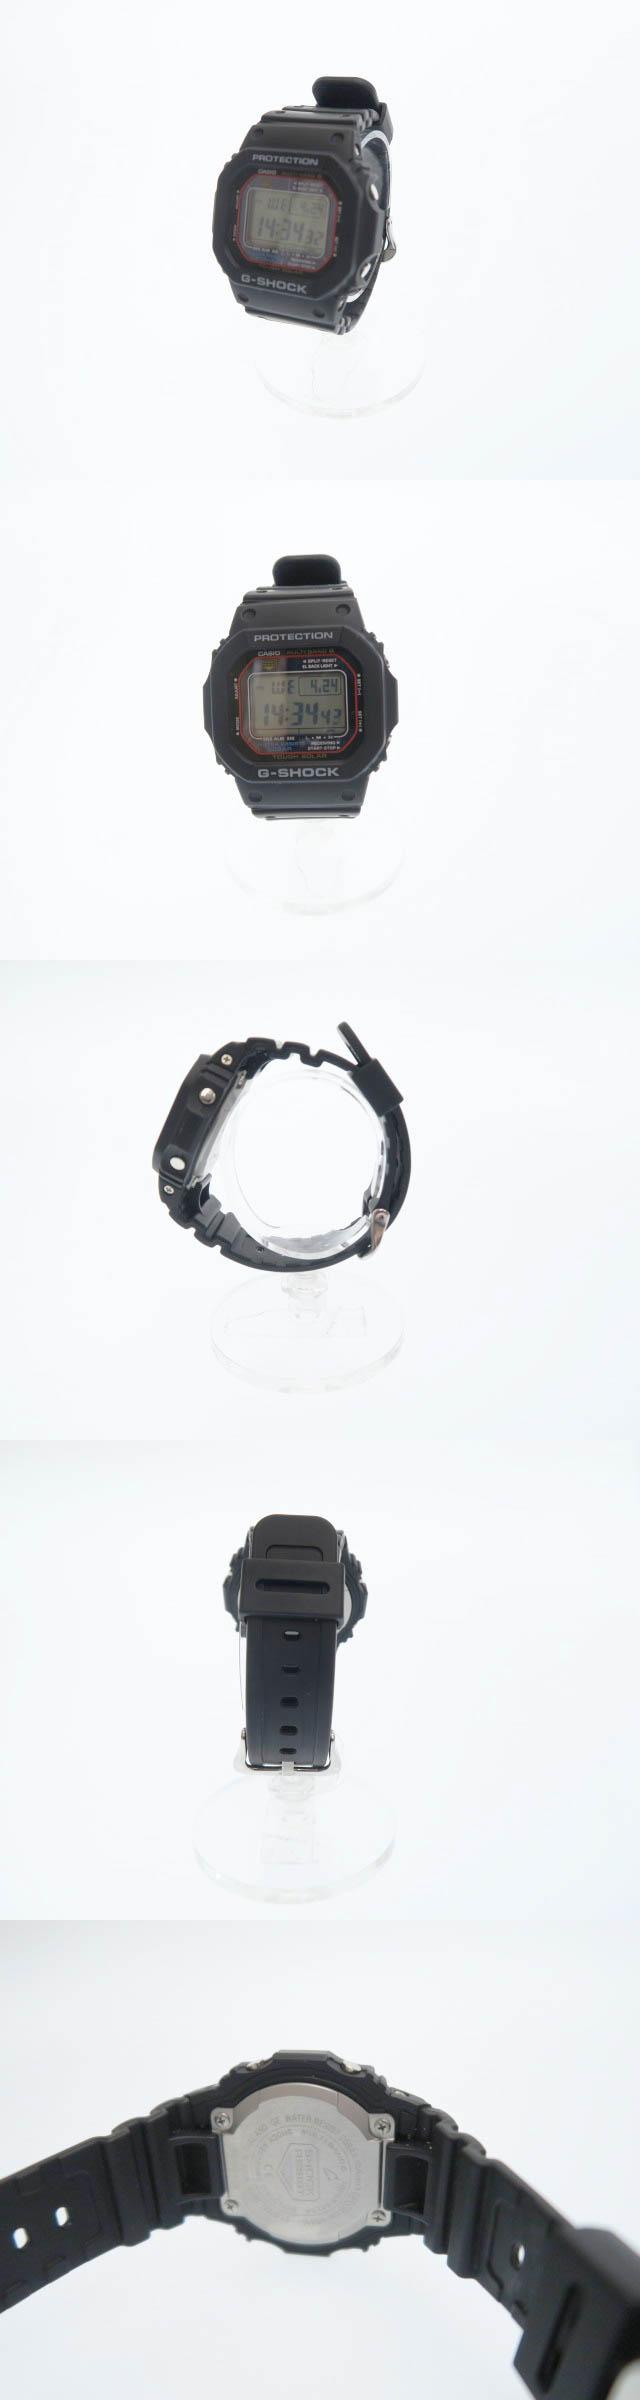 マルチバンド ソーラー 電波 腕時計 GW-M5610 ブラック ブランド古着ベクトル 中古●▲ 190424 0020